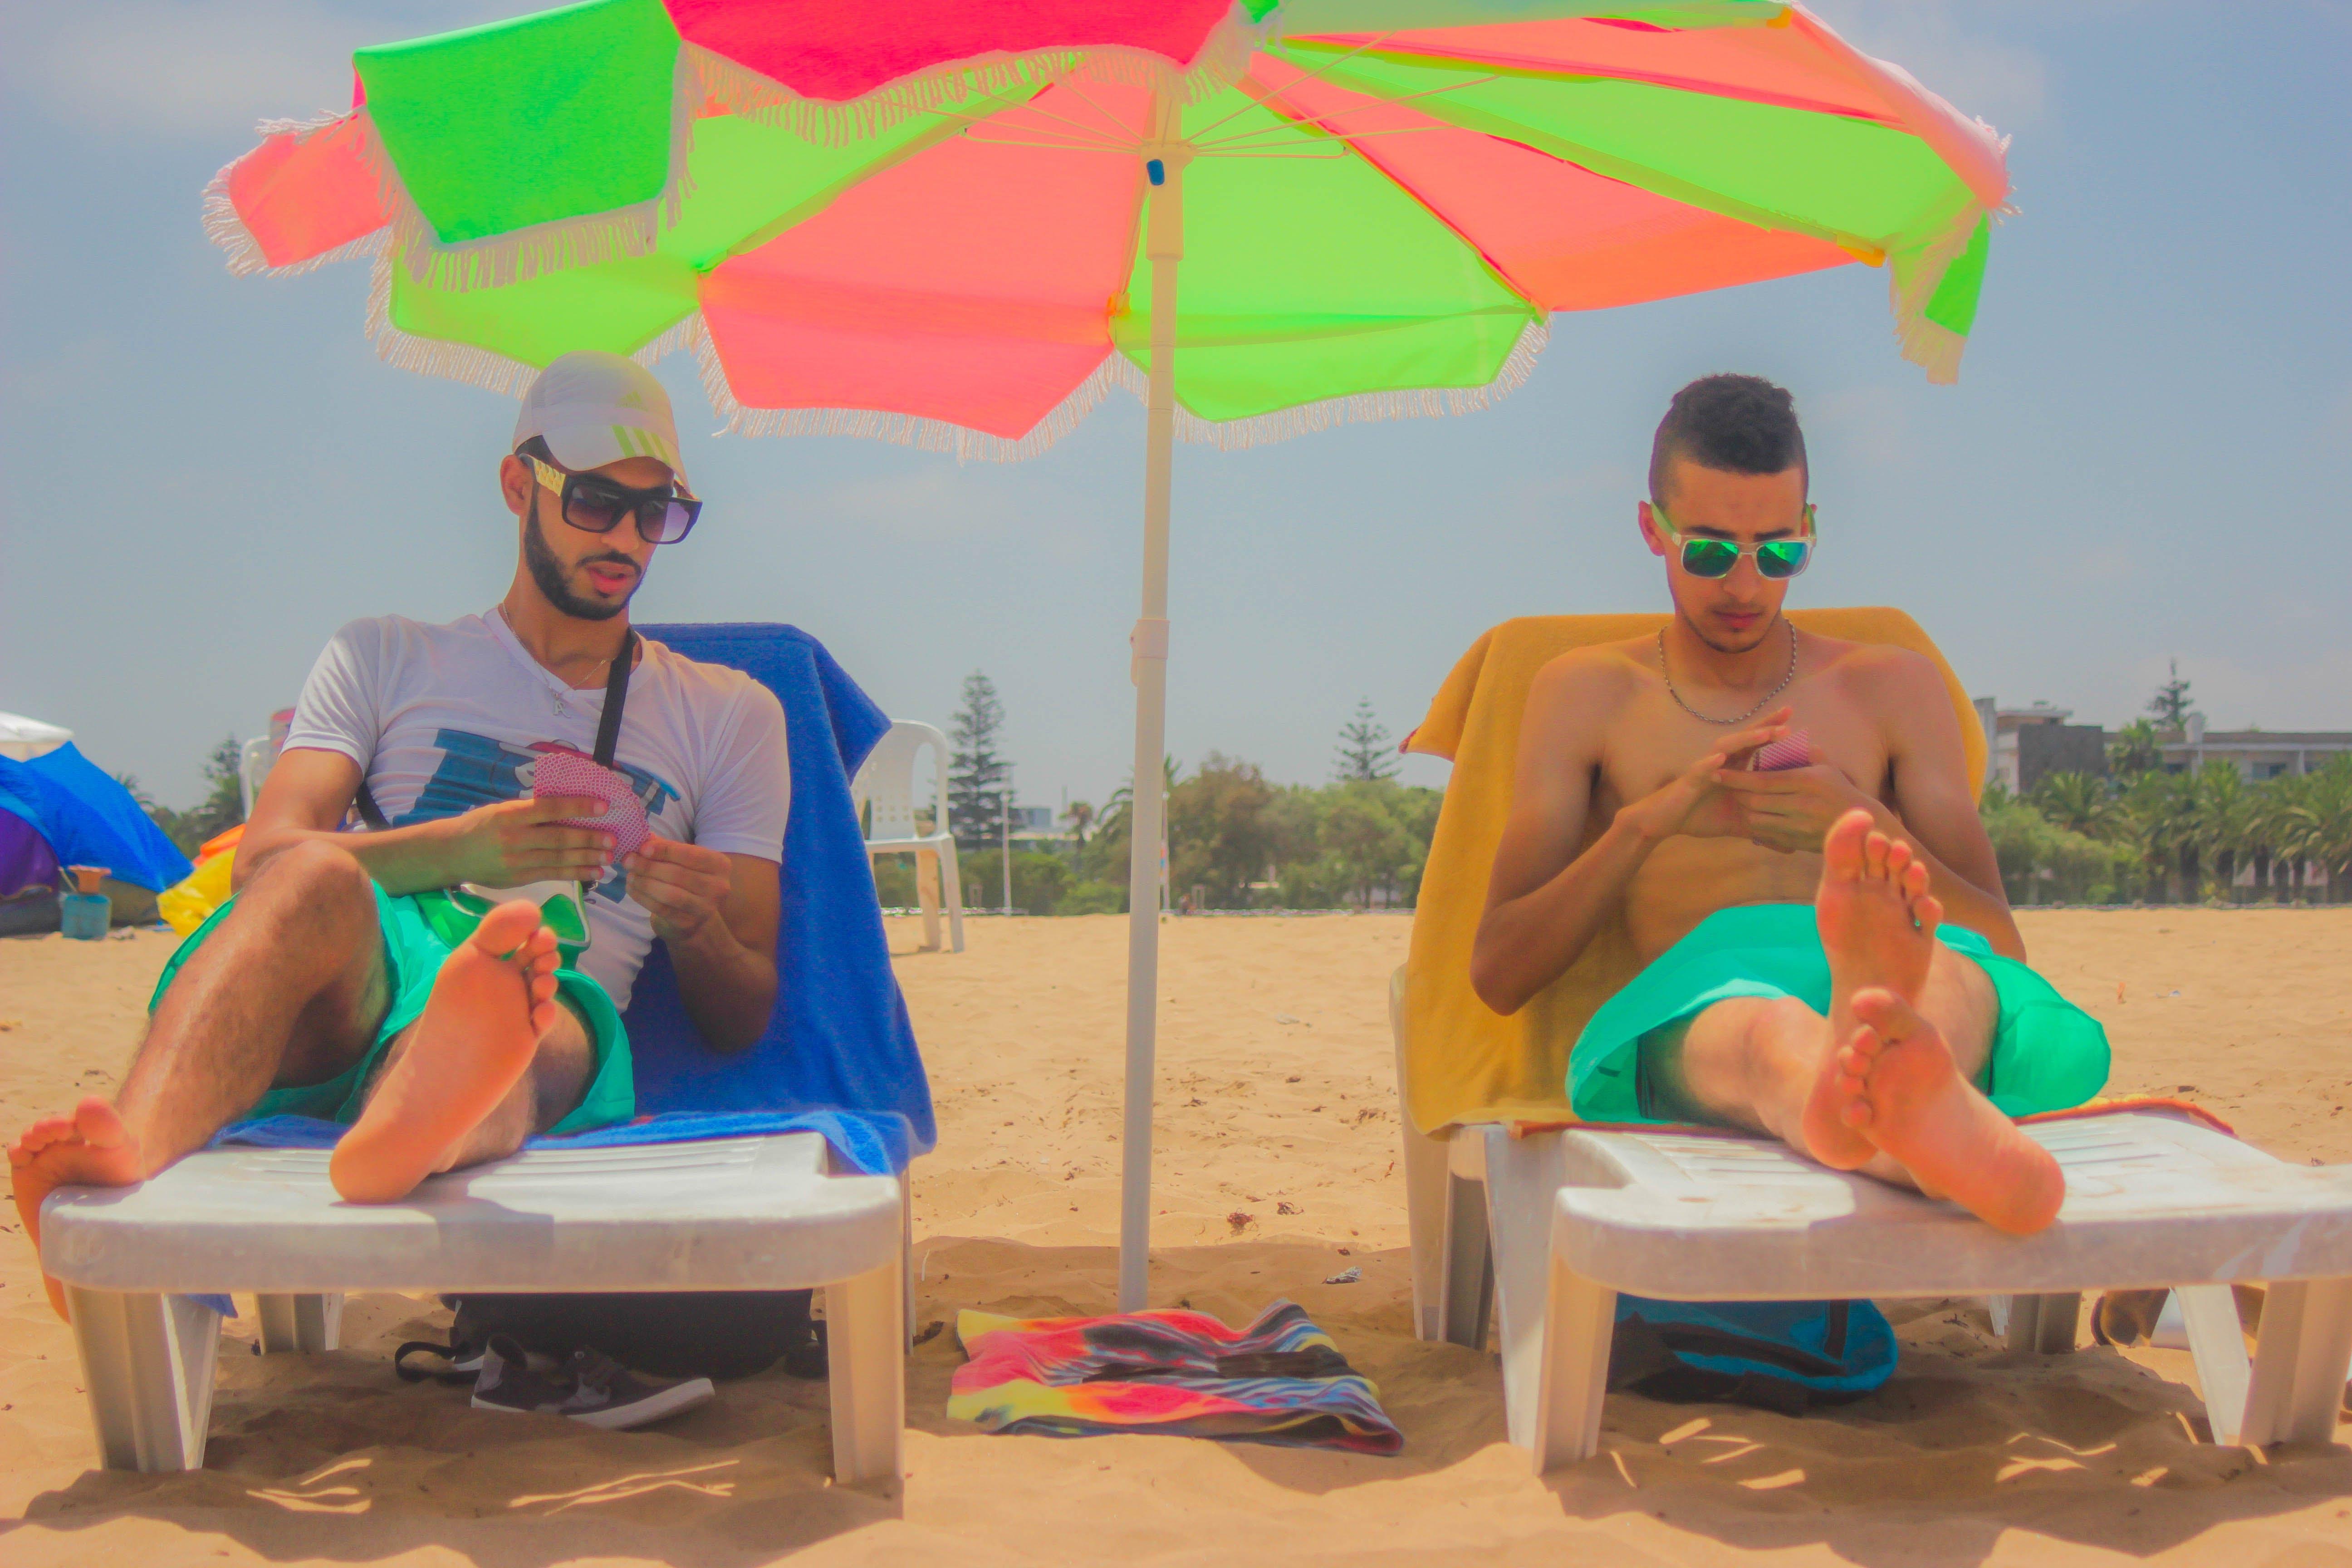 deštník, lidé, písek